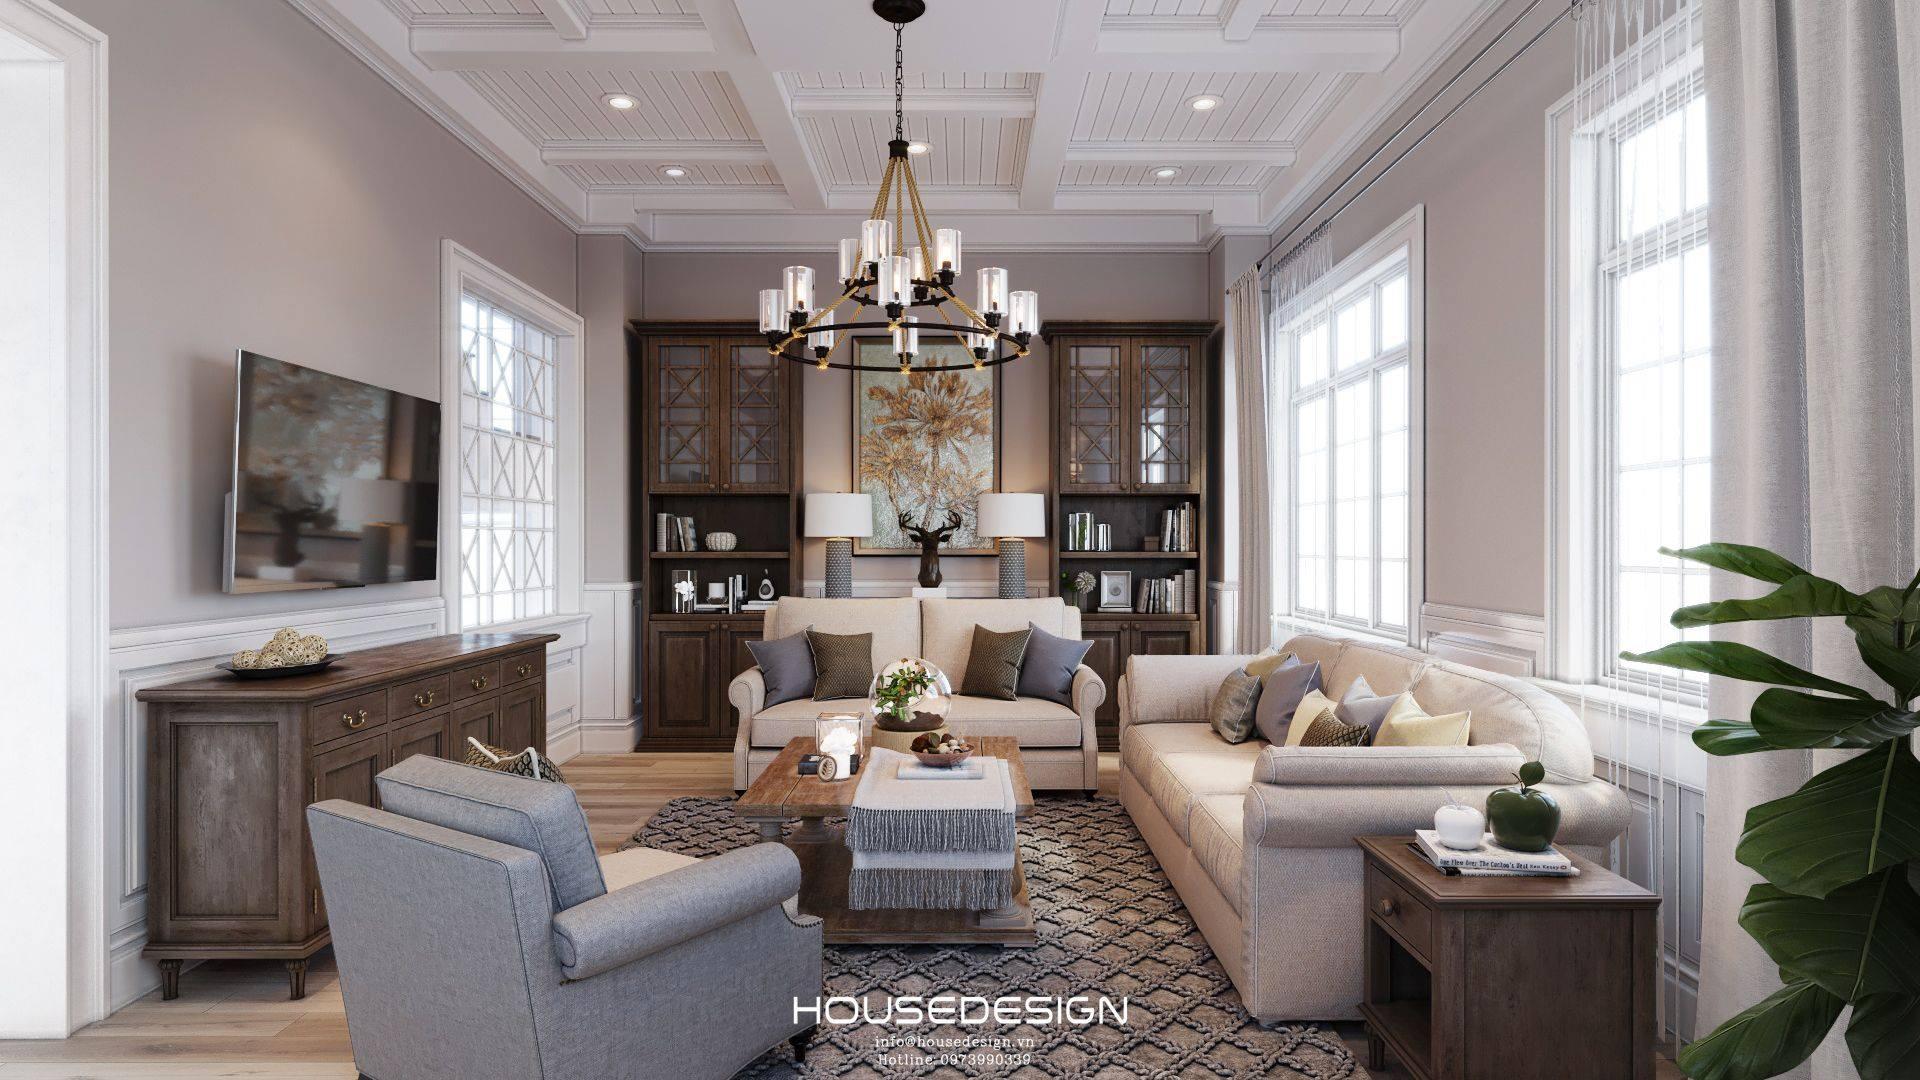 cách trang trí phòng khách - Housedesign